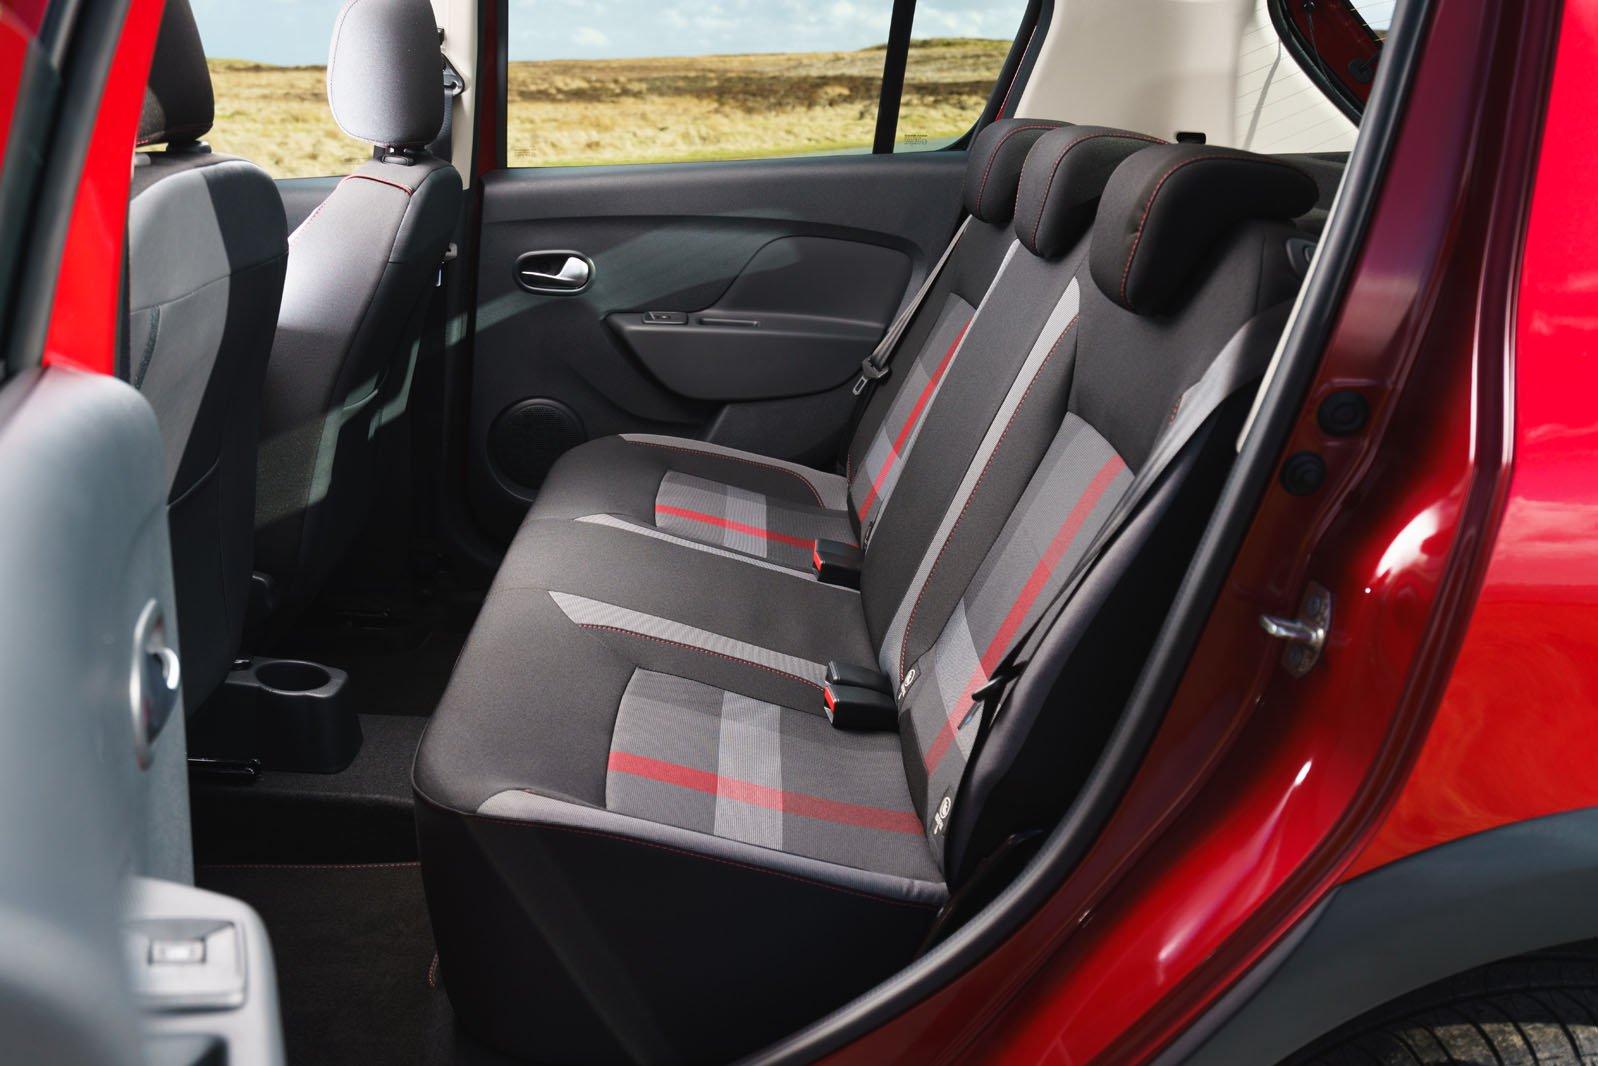 Dacia Sandero Stepway 2019 rear seats